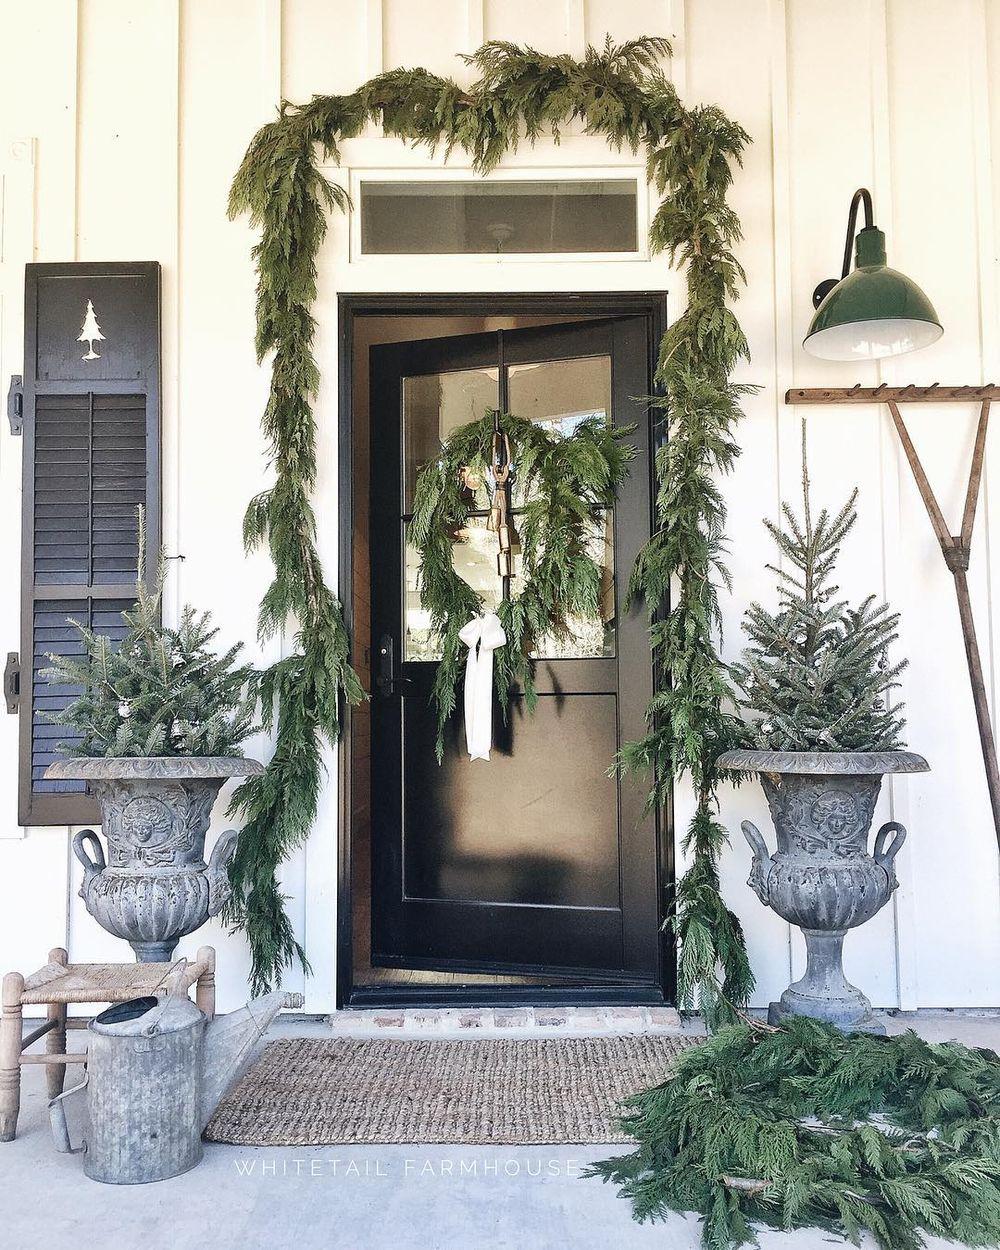 Farmhouse evergreen winter entryway decor via @whitetailfarmhouse